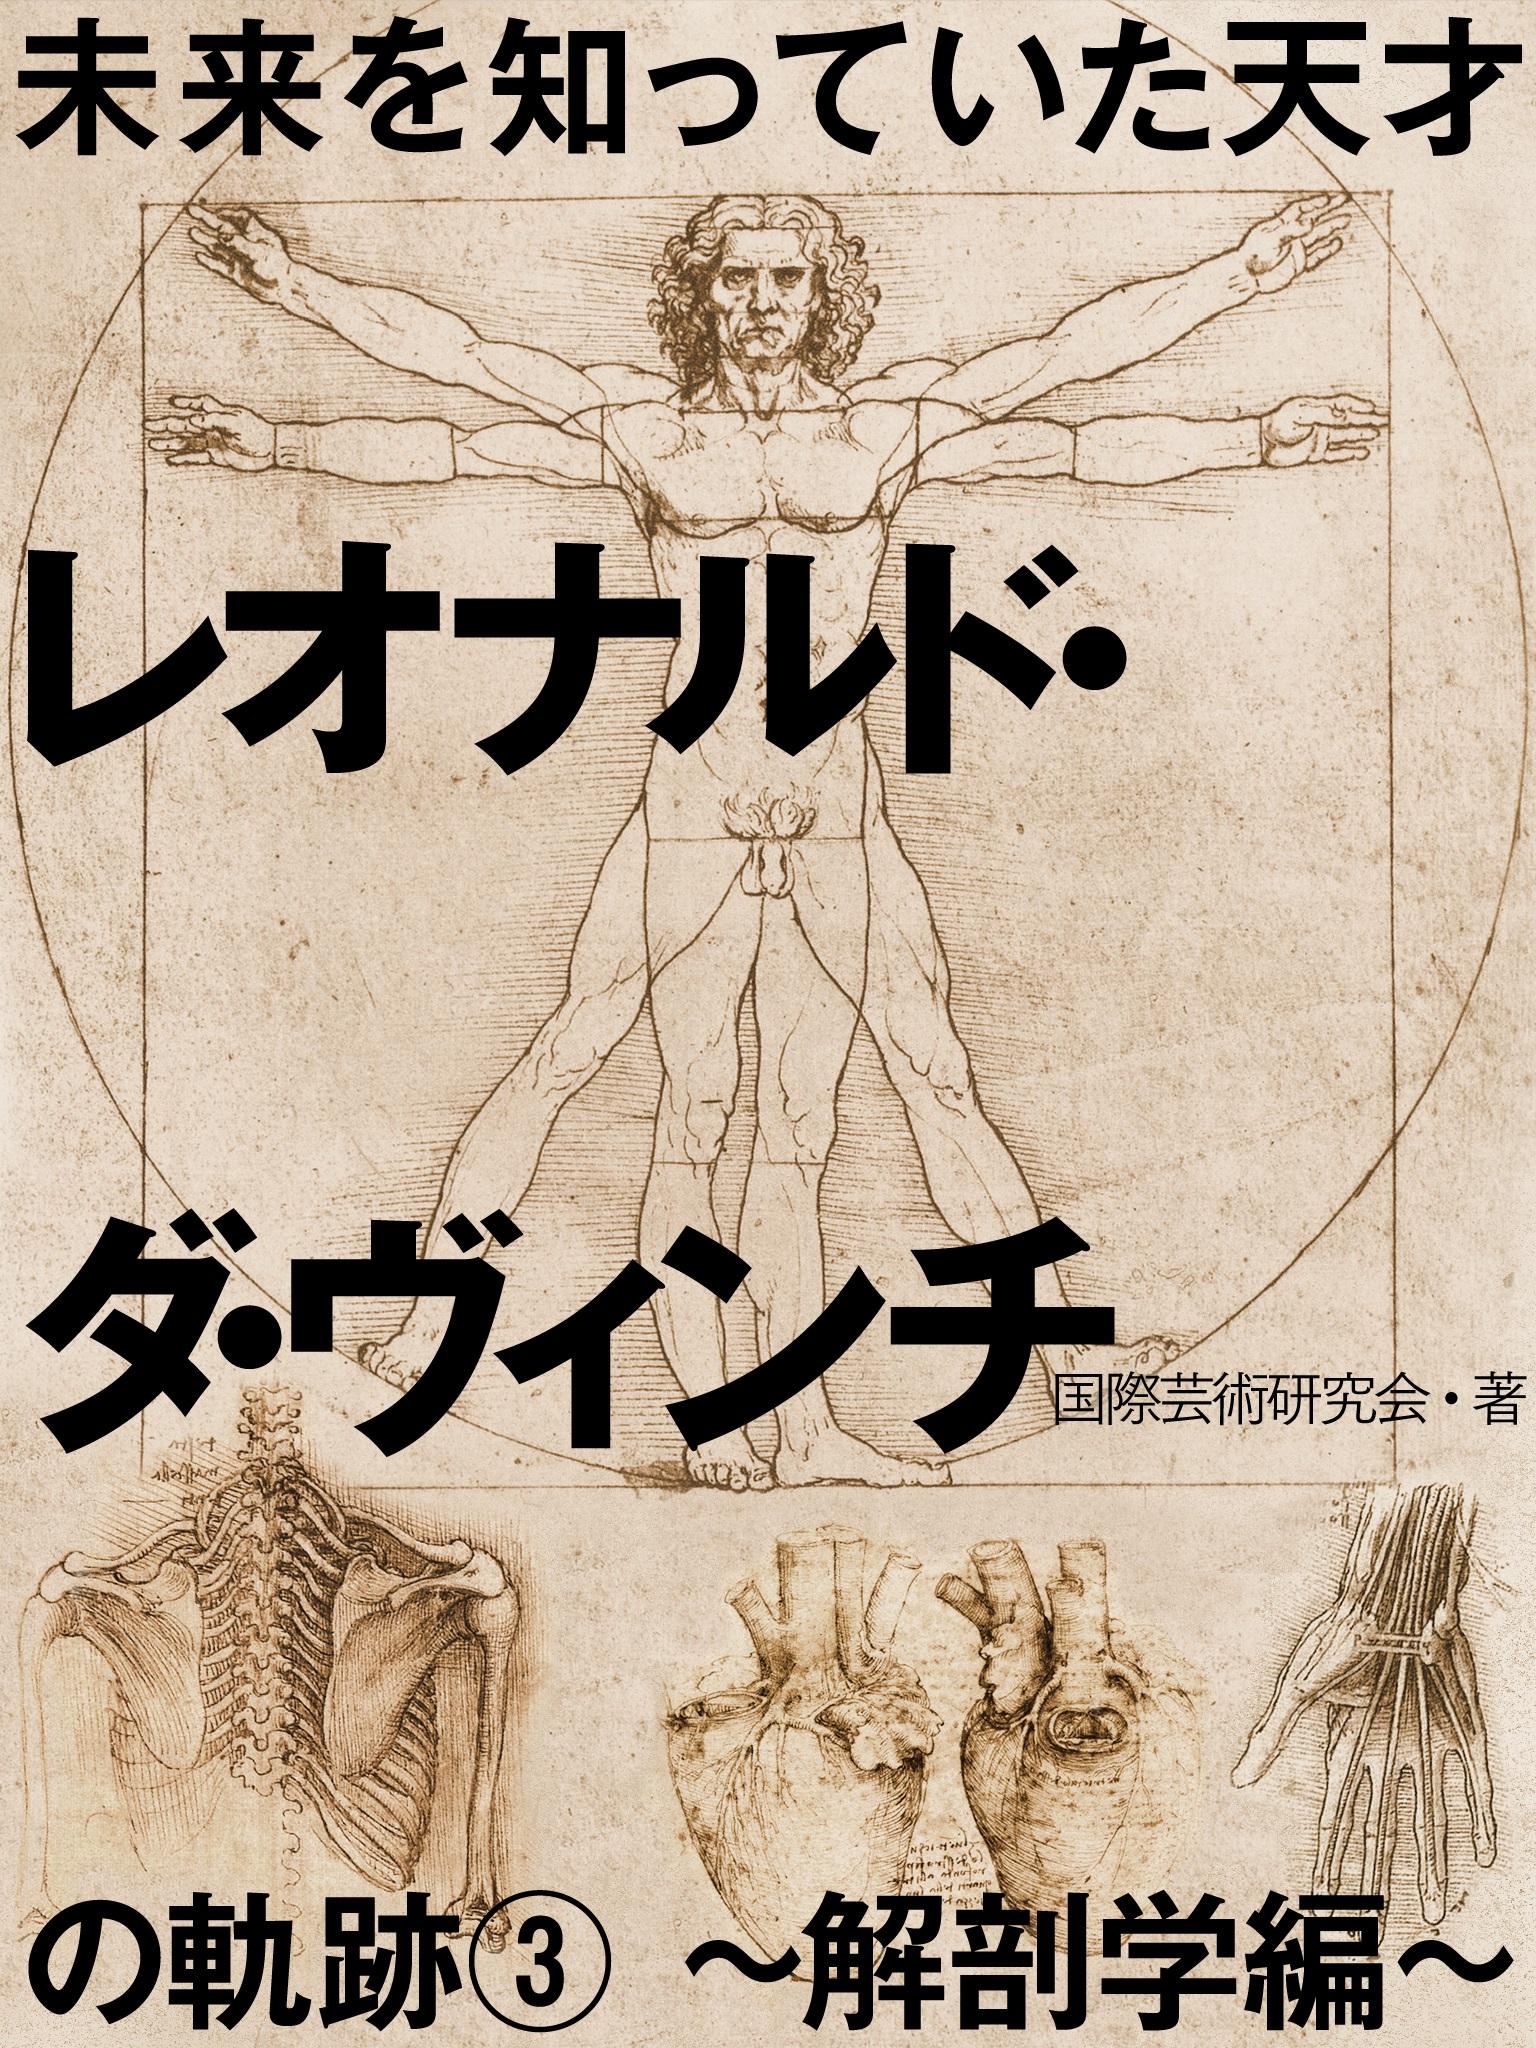 未来を知っていた天才 レオナルド・ダ・ヴィンチの軌跡(3)~解剖学編~